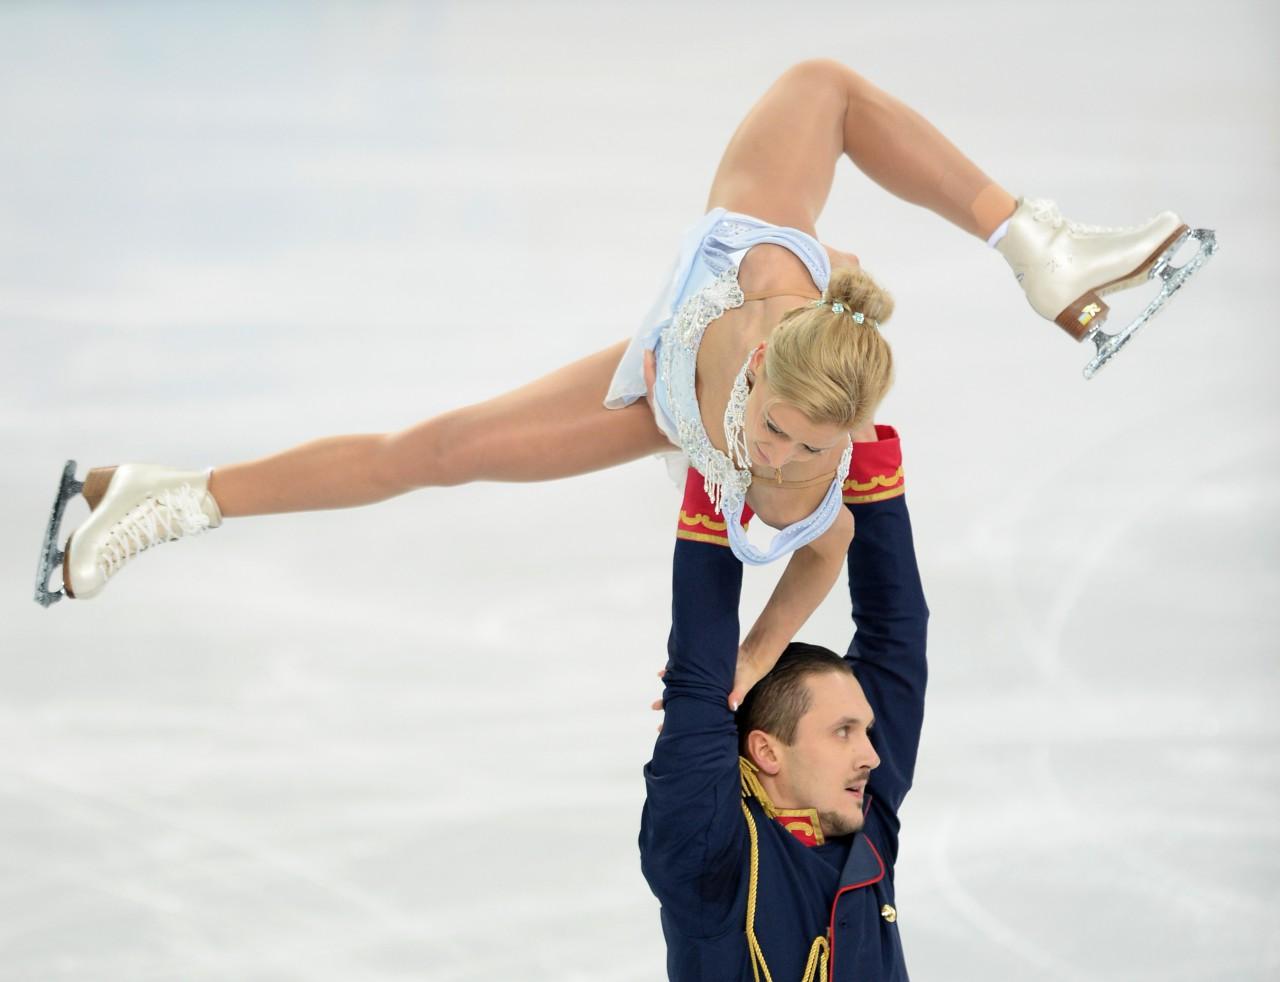 Panties ice skater